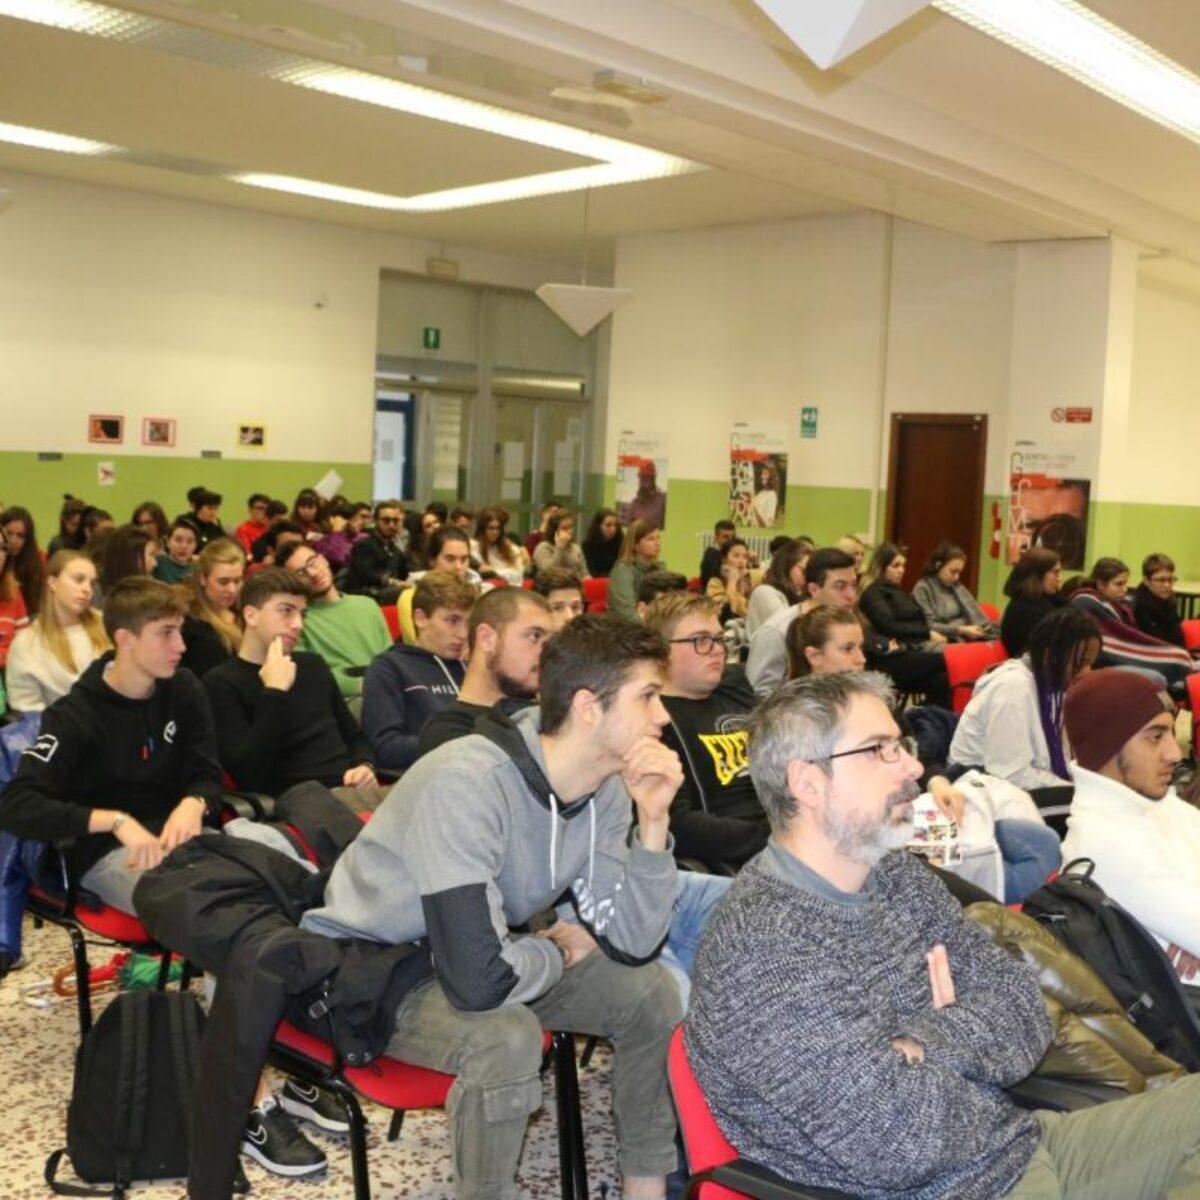 AVIS Comunale Verbania_Primo incontro nelle scuole superiori della città_Avis Verbania_fonte Ferrini-Franzosini (4)